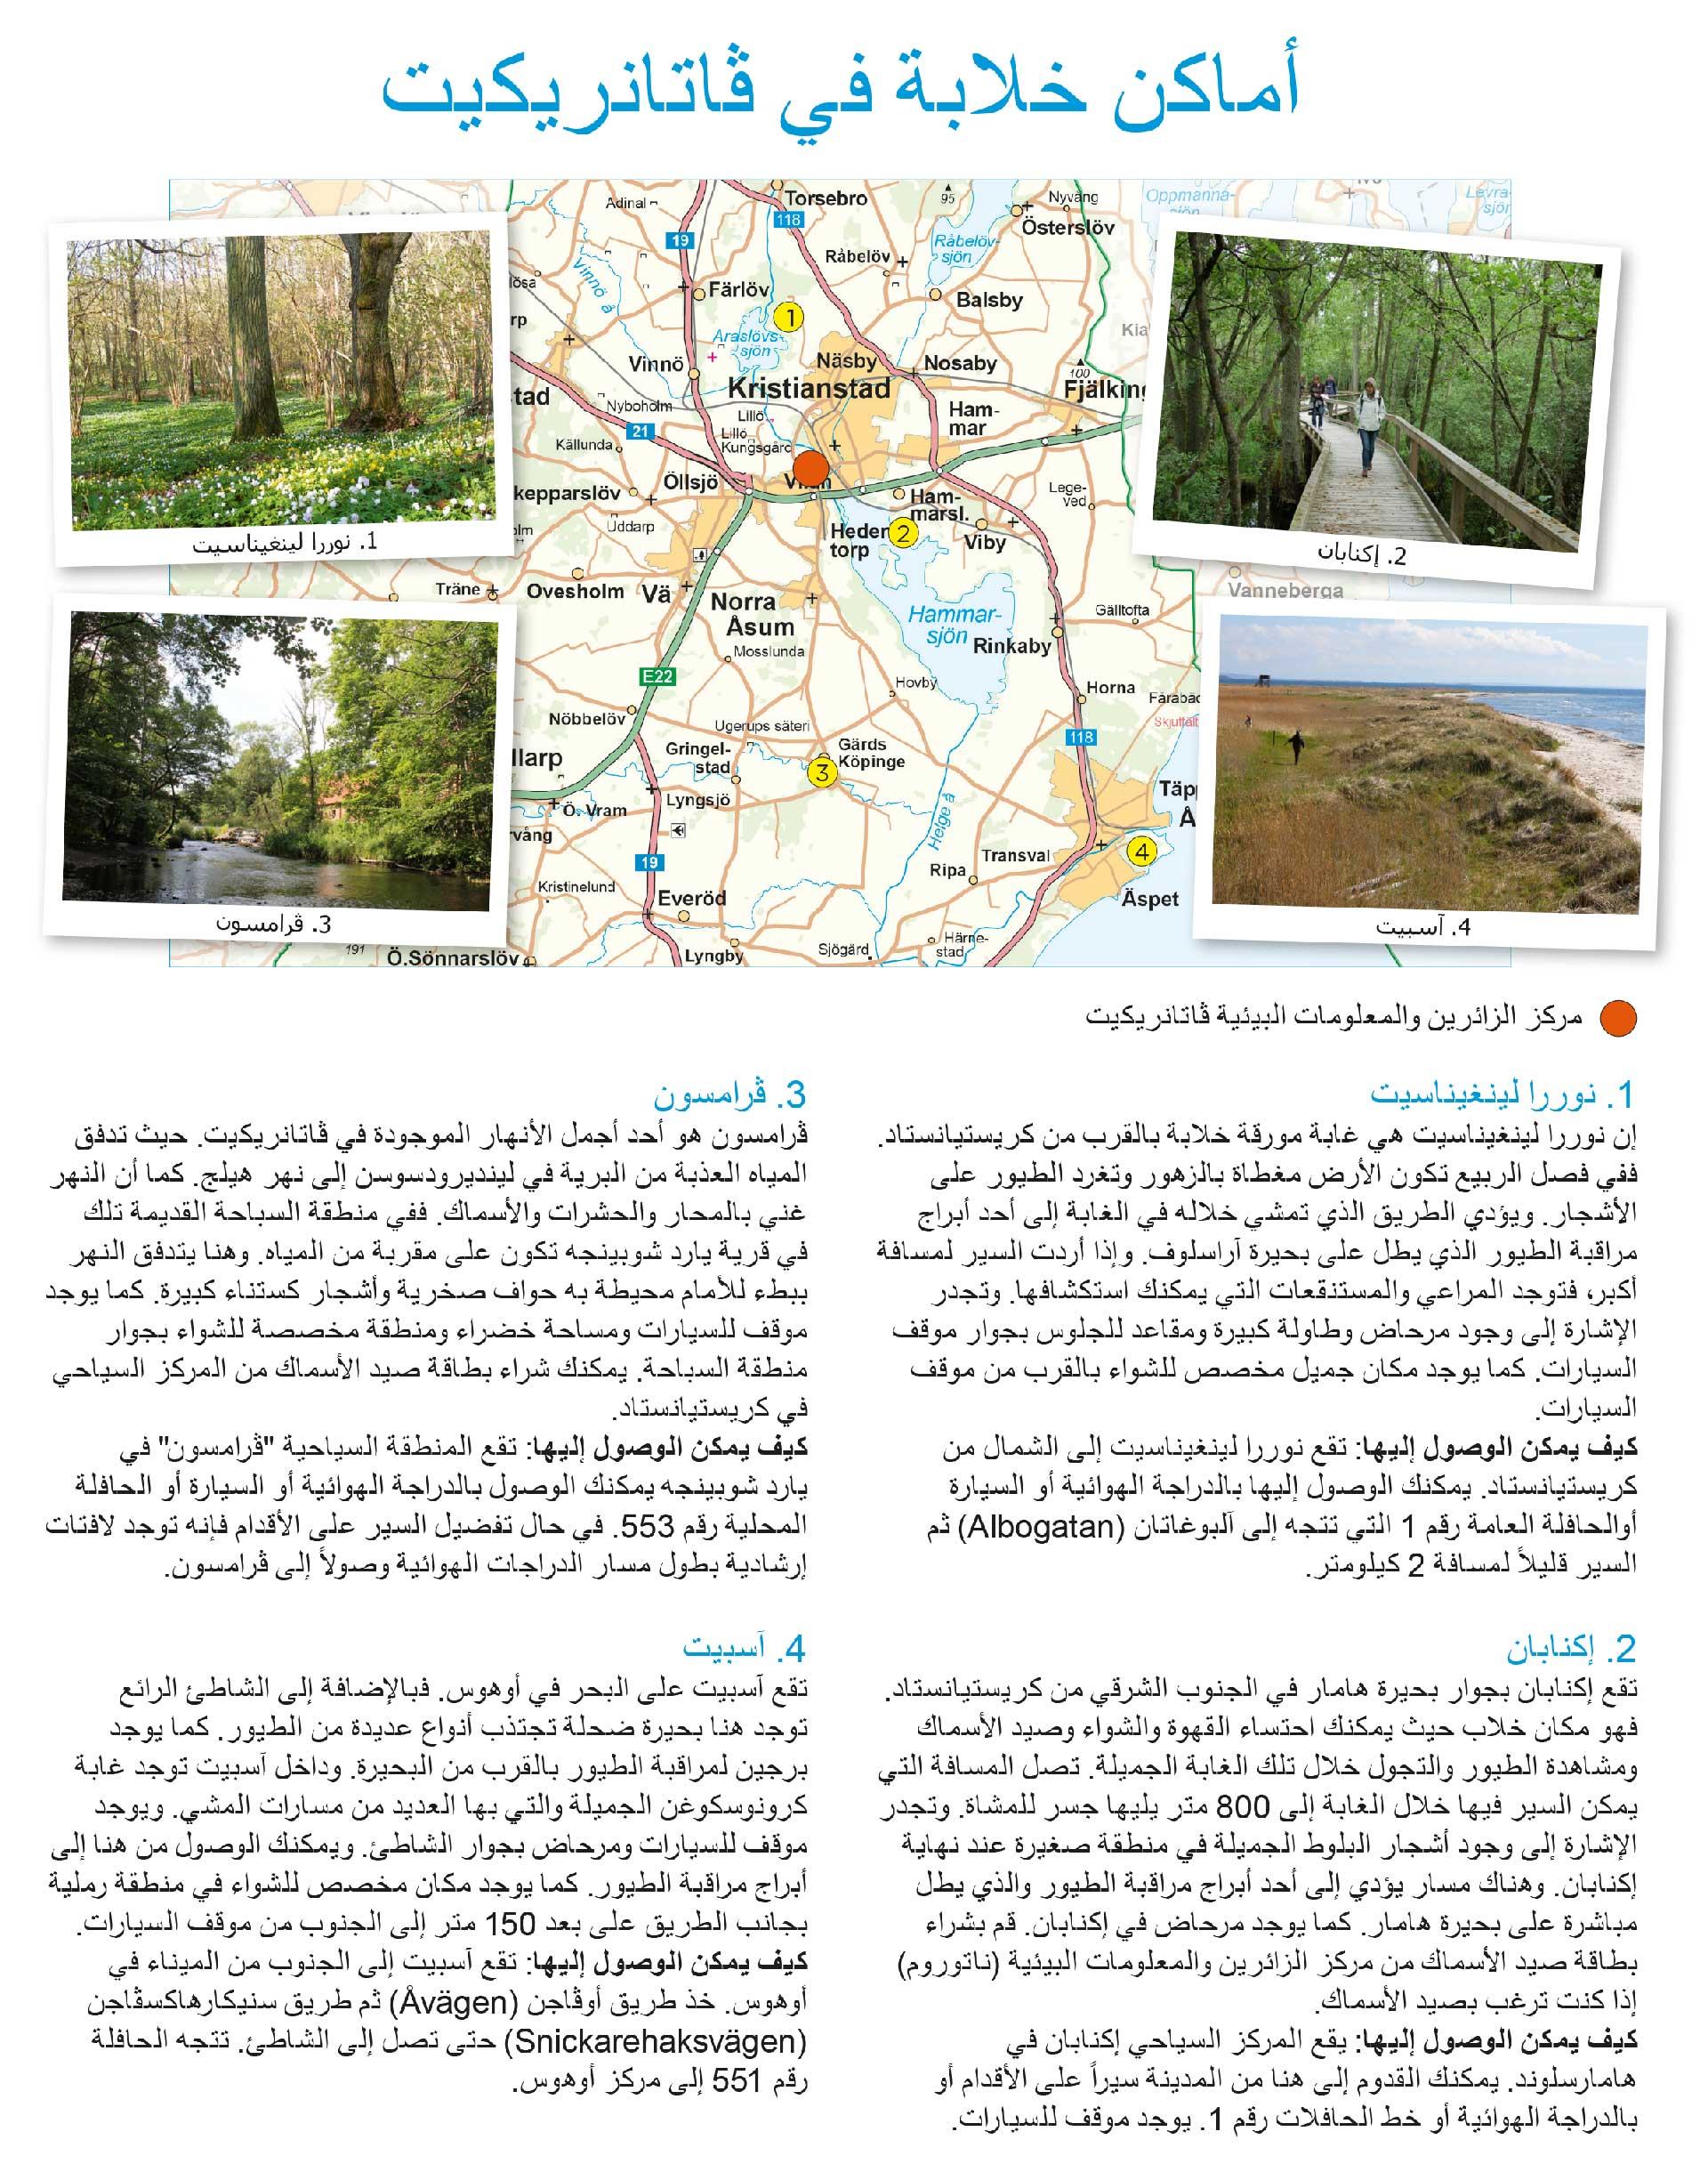 Besöksplatser i Vattenriket på arabiska